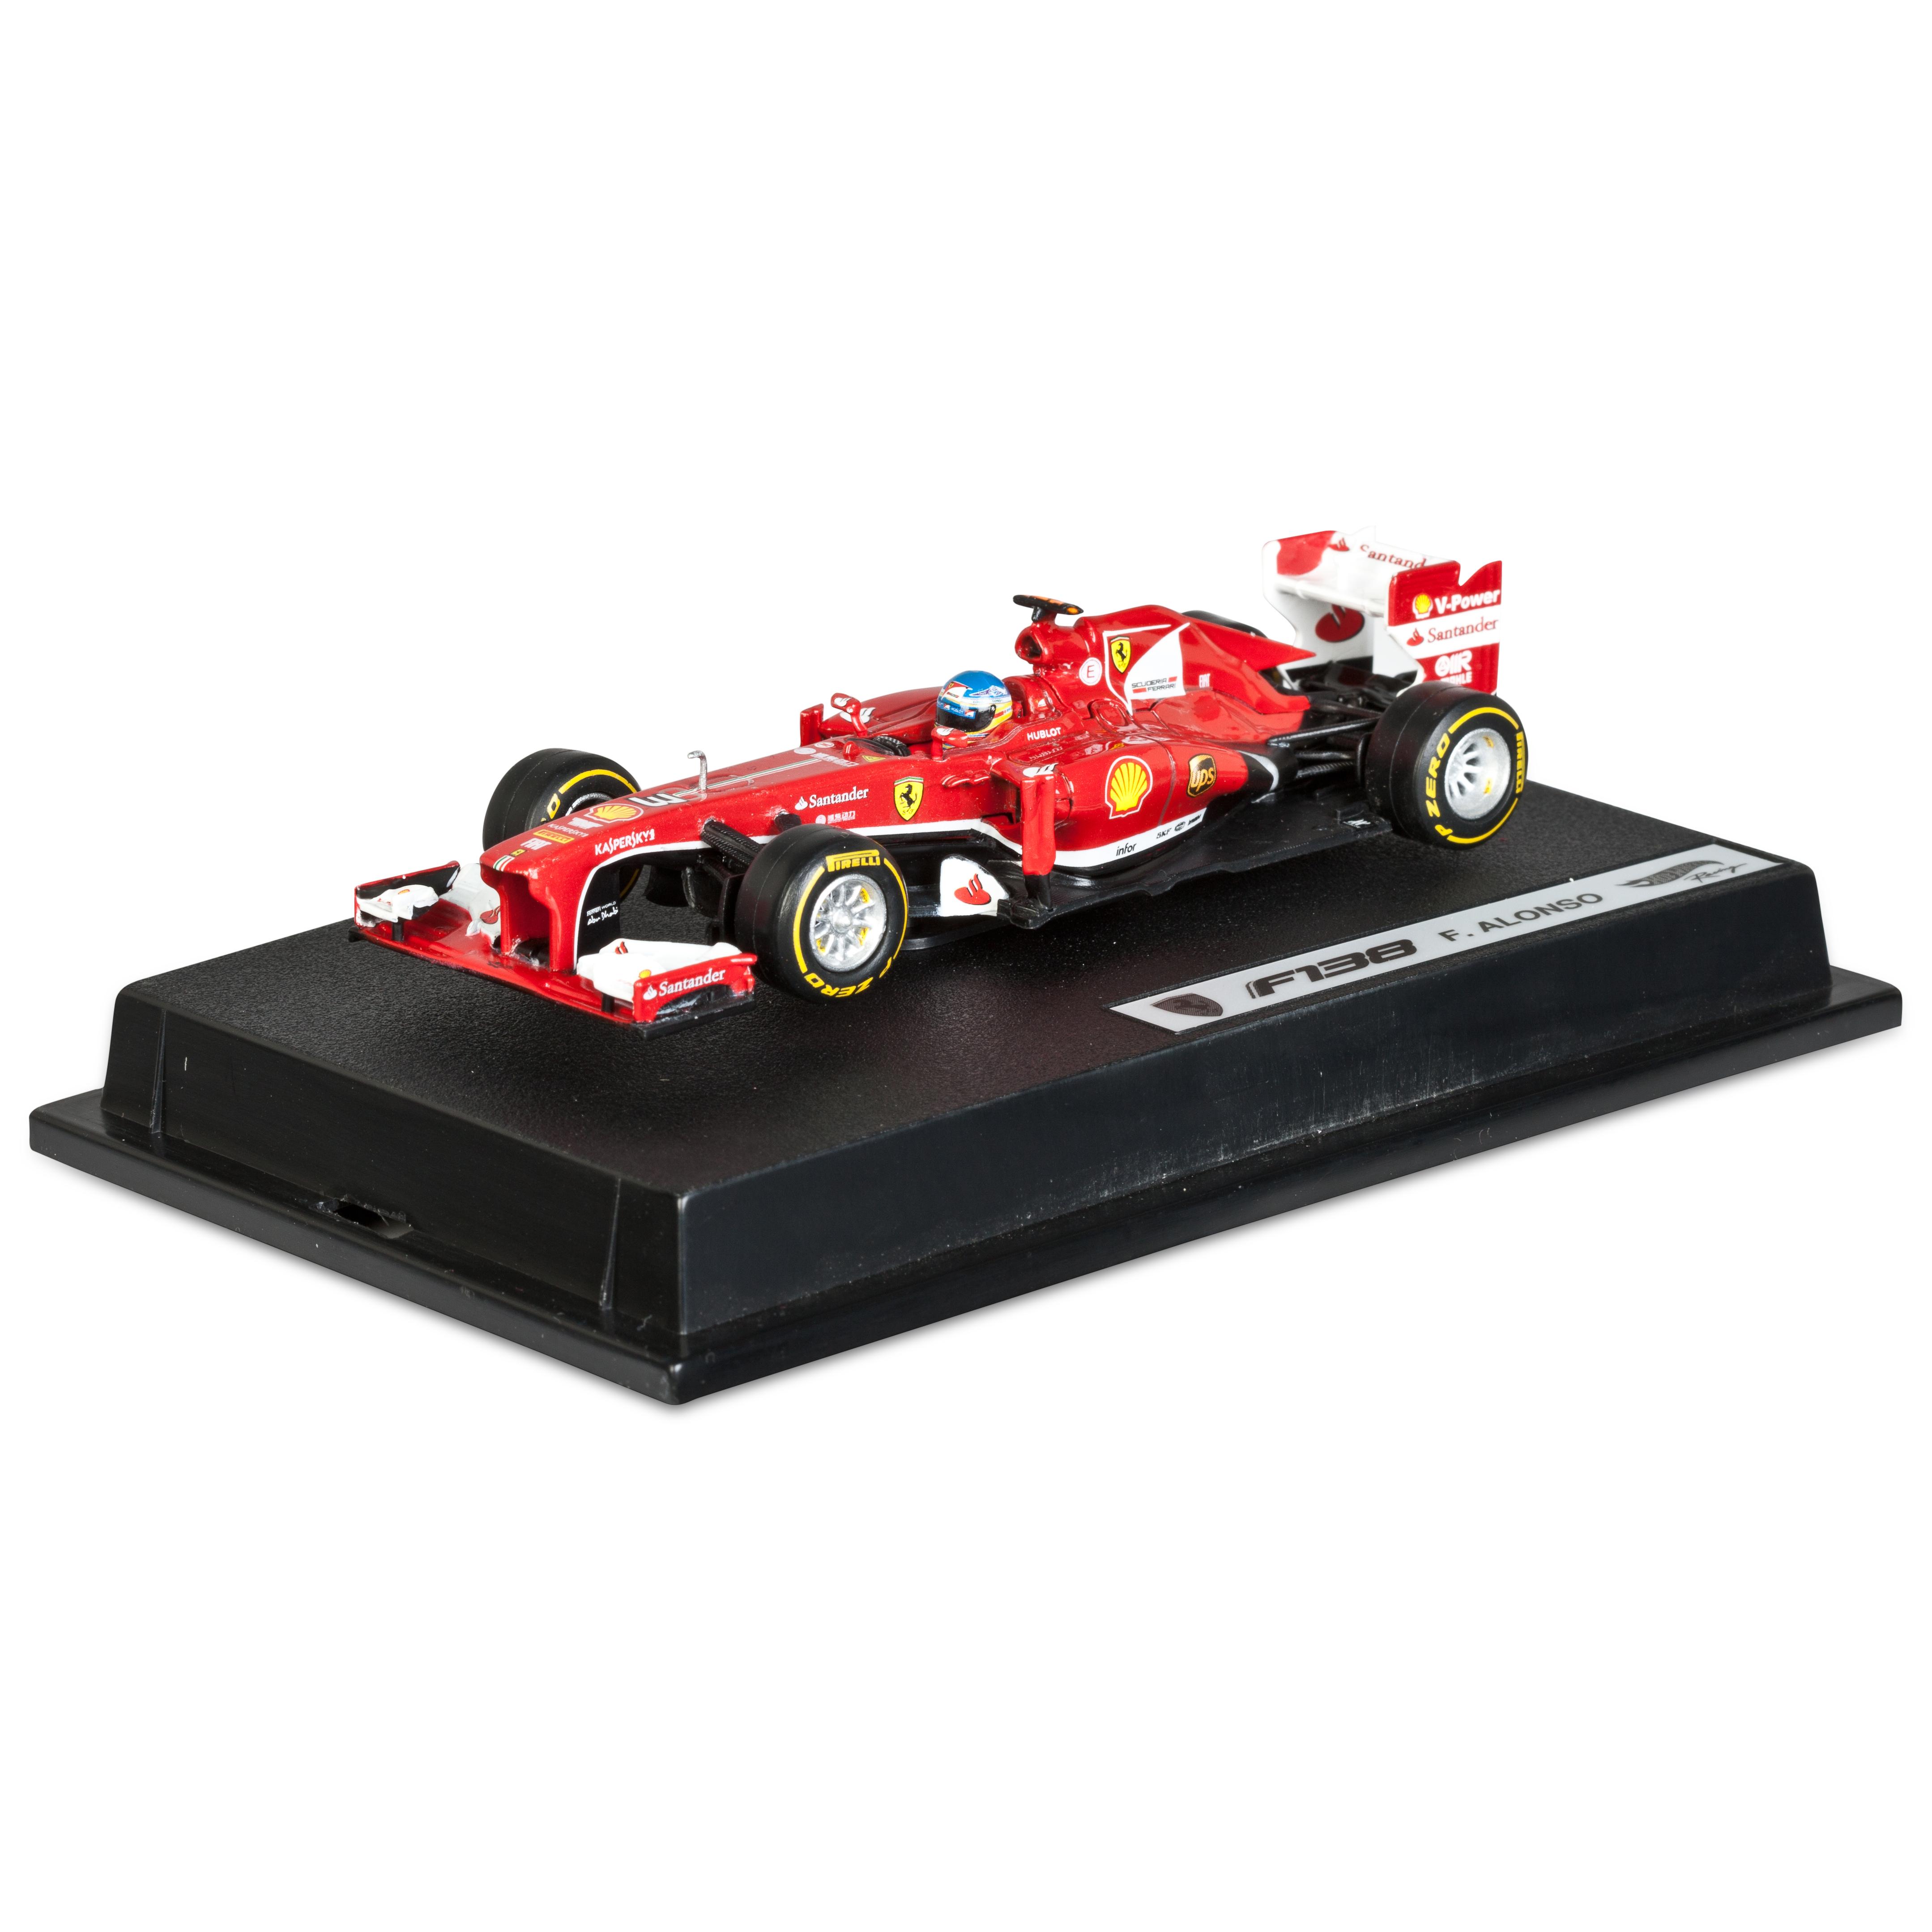 Scuderia Ferrari F2013 Alonso 1:43 Scale